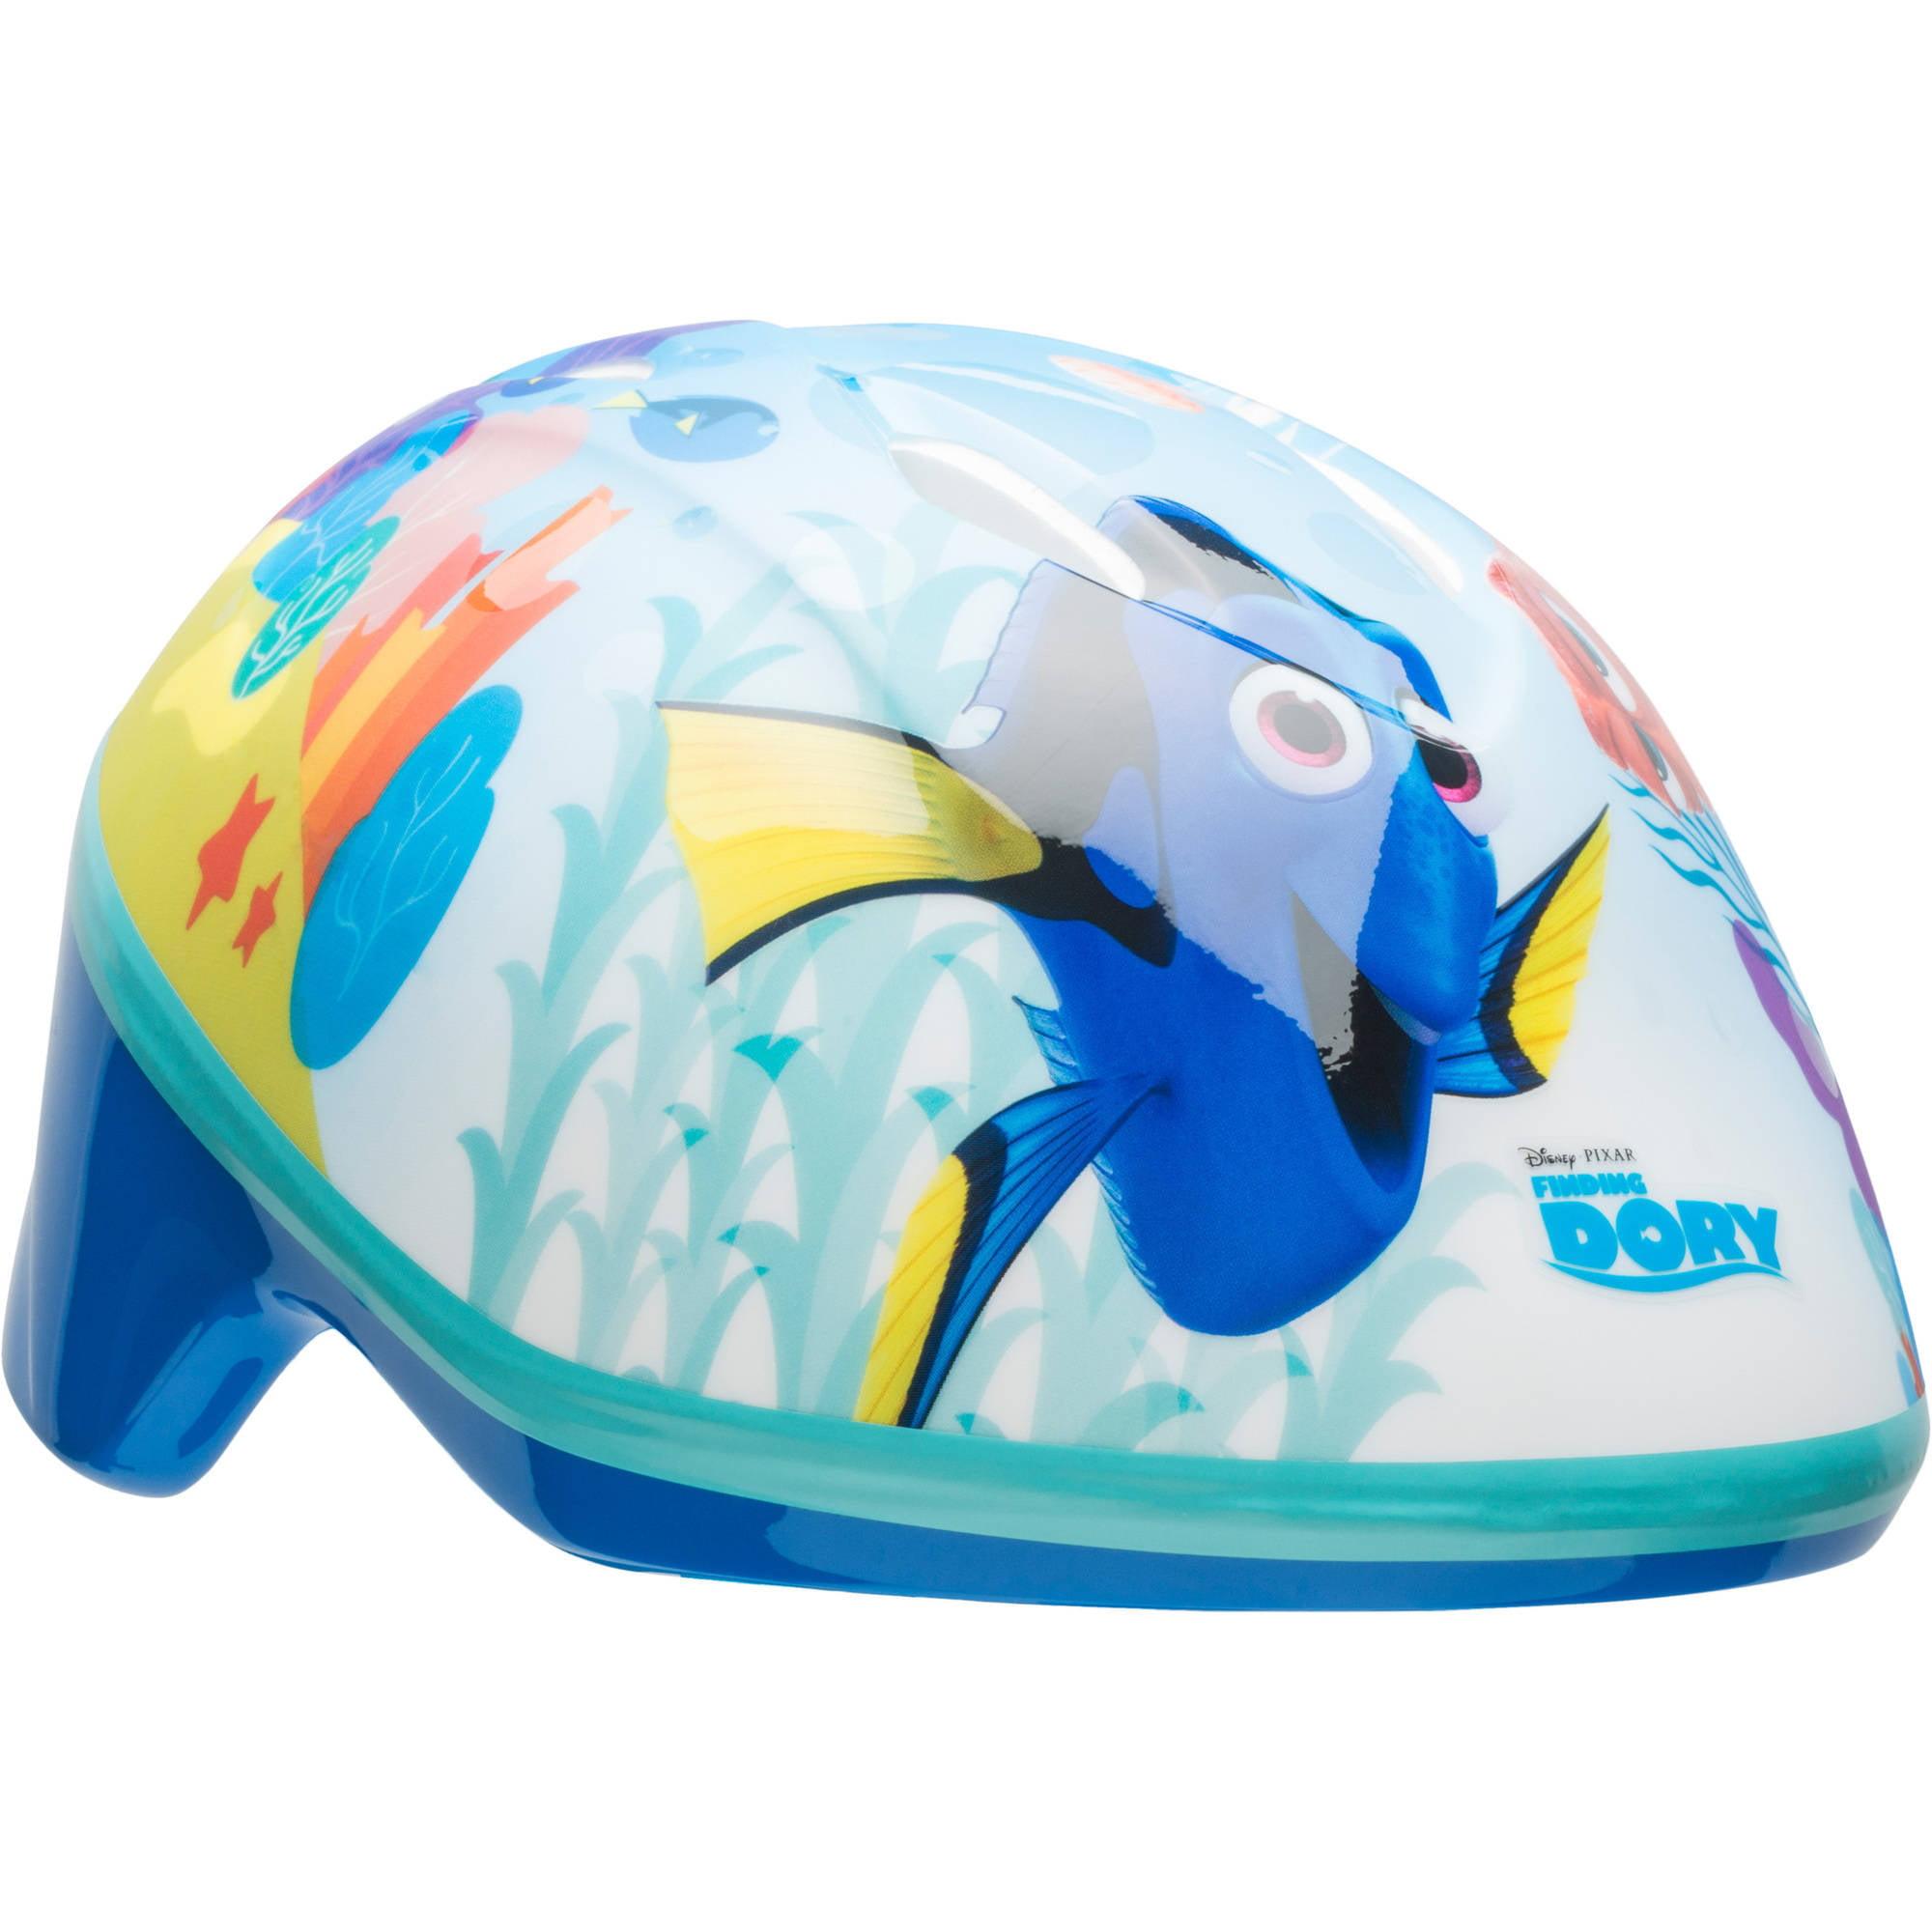 Bell Sports Disney Finding Dory Toddler Bike Helmet, Blue